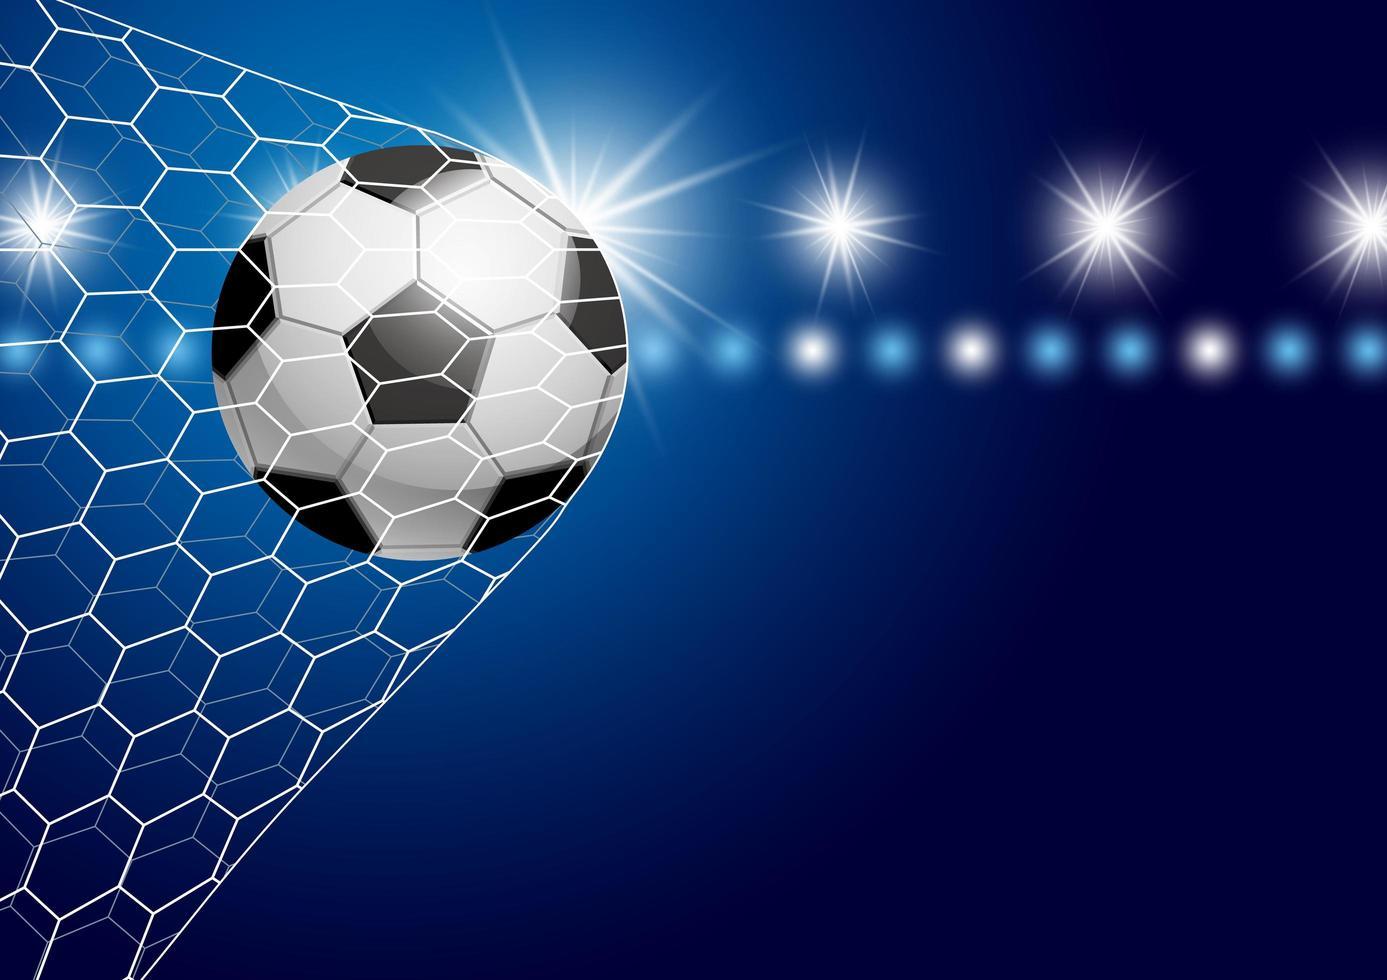 pallone da calcio in porta sul blu vettore